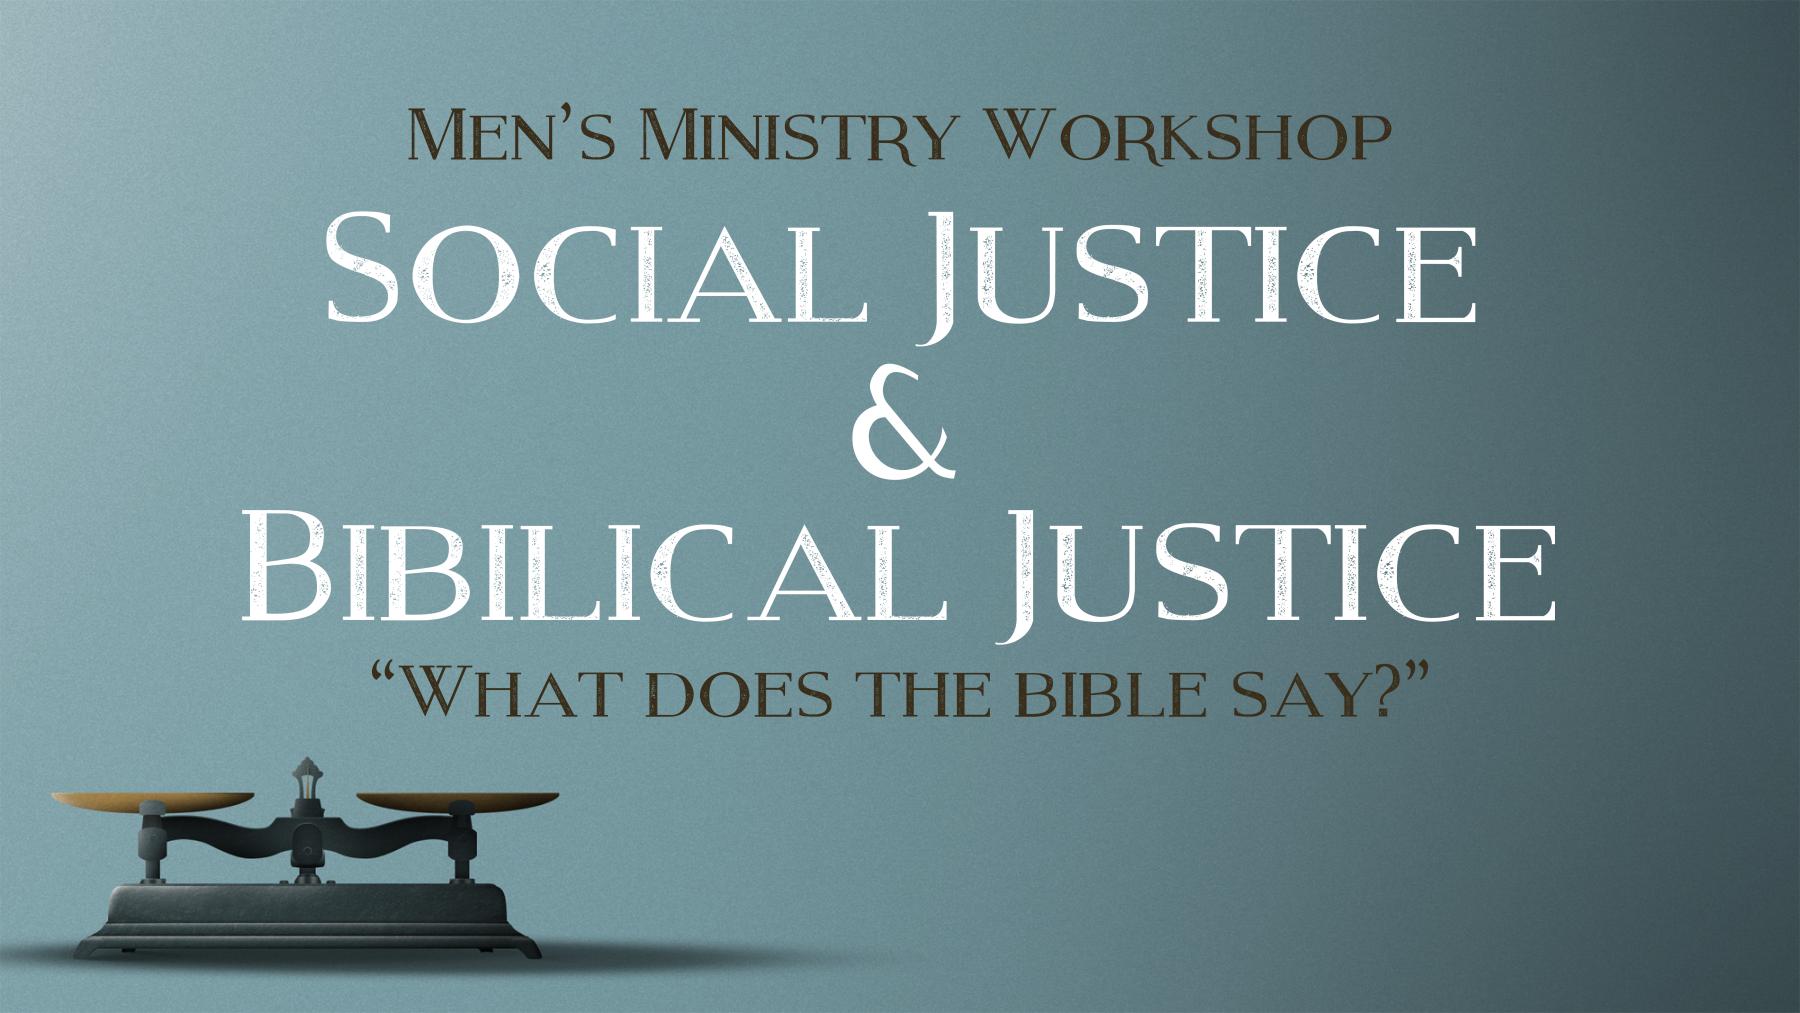 Men's Ministry Workshop